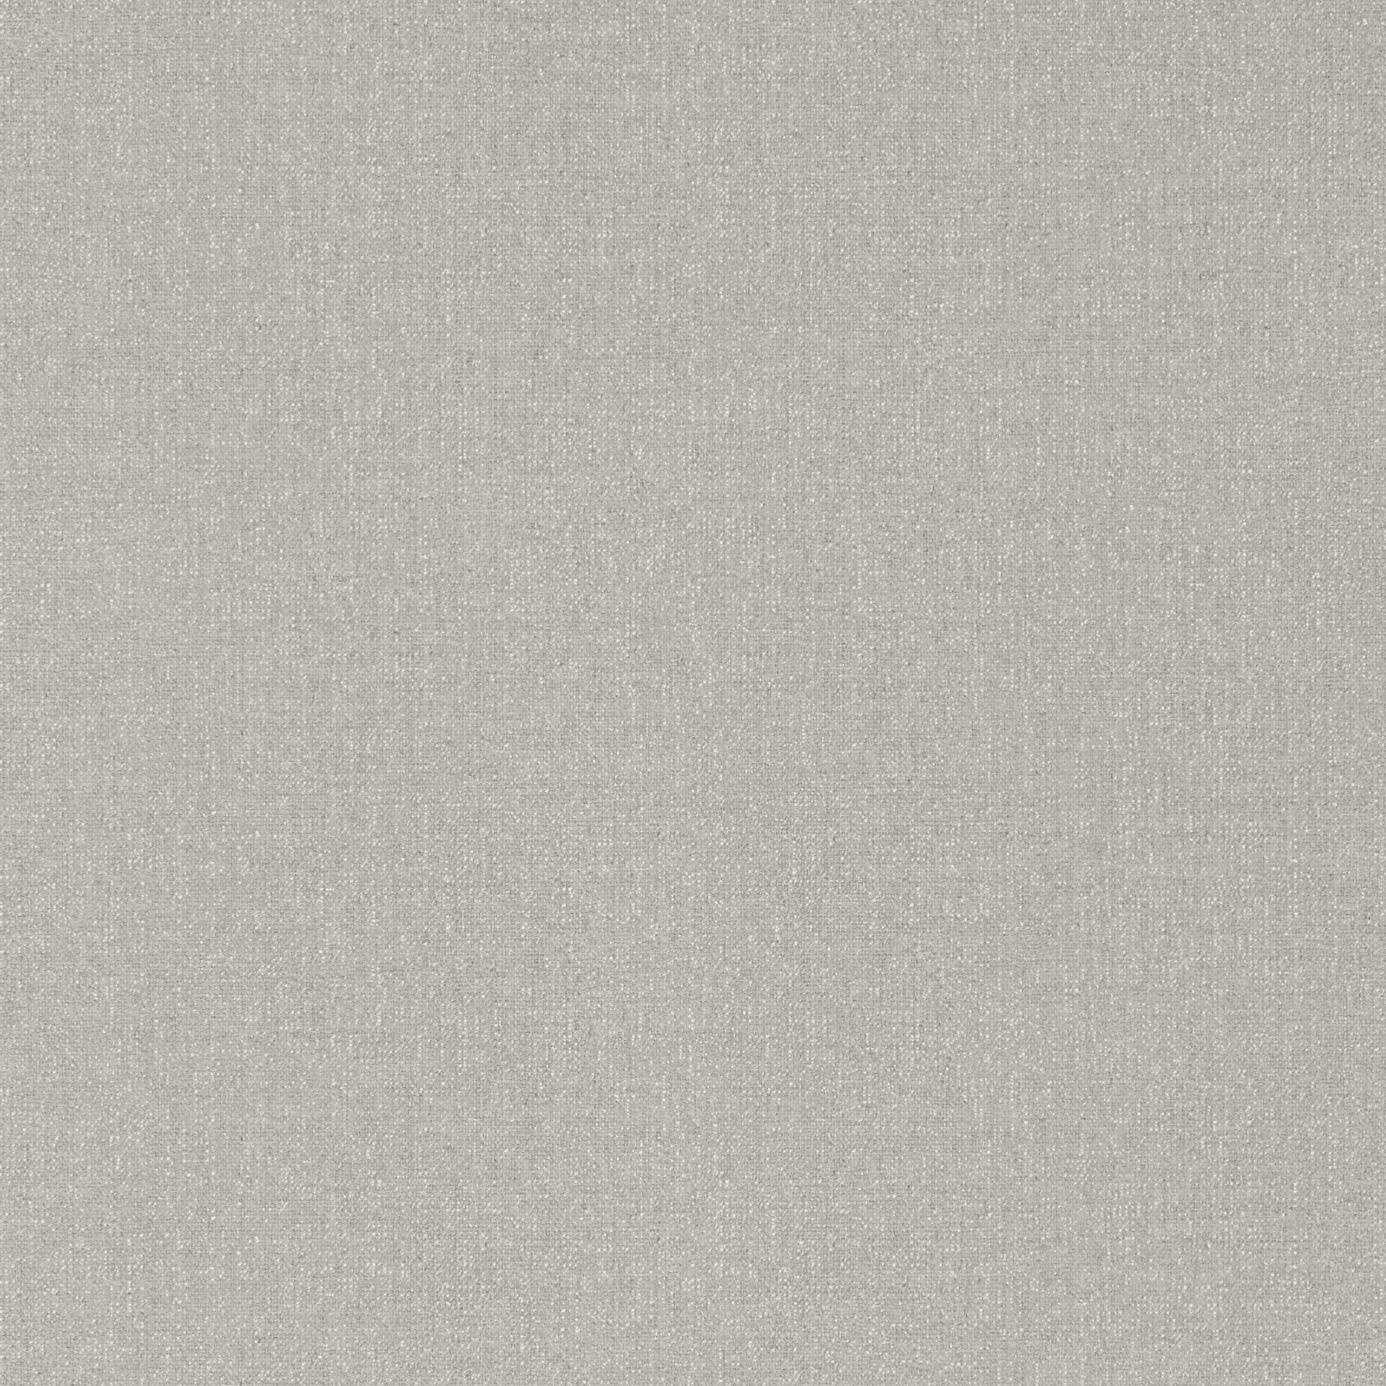 Английские обои Sanderson,  коллекция Sojourn, артикул215450